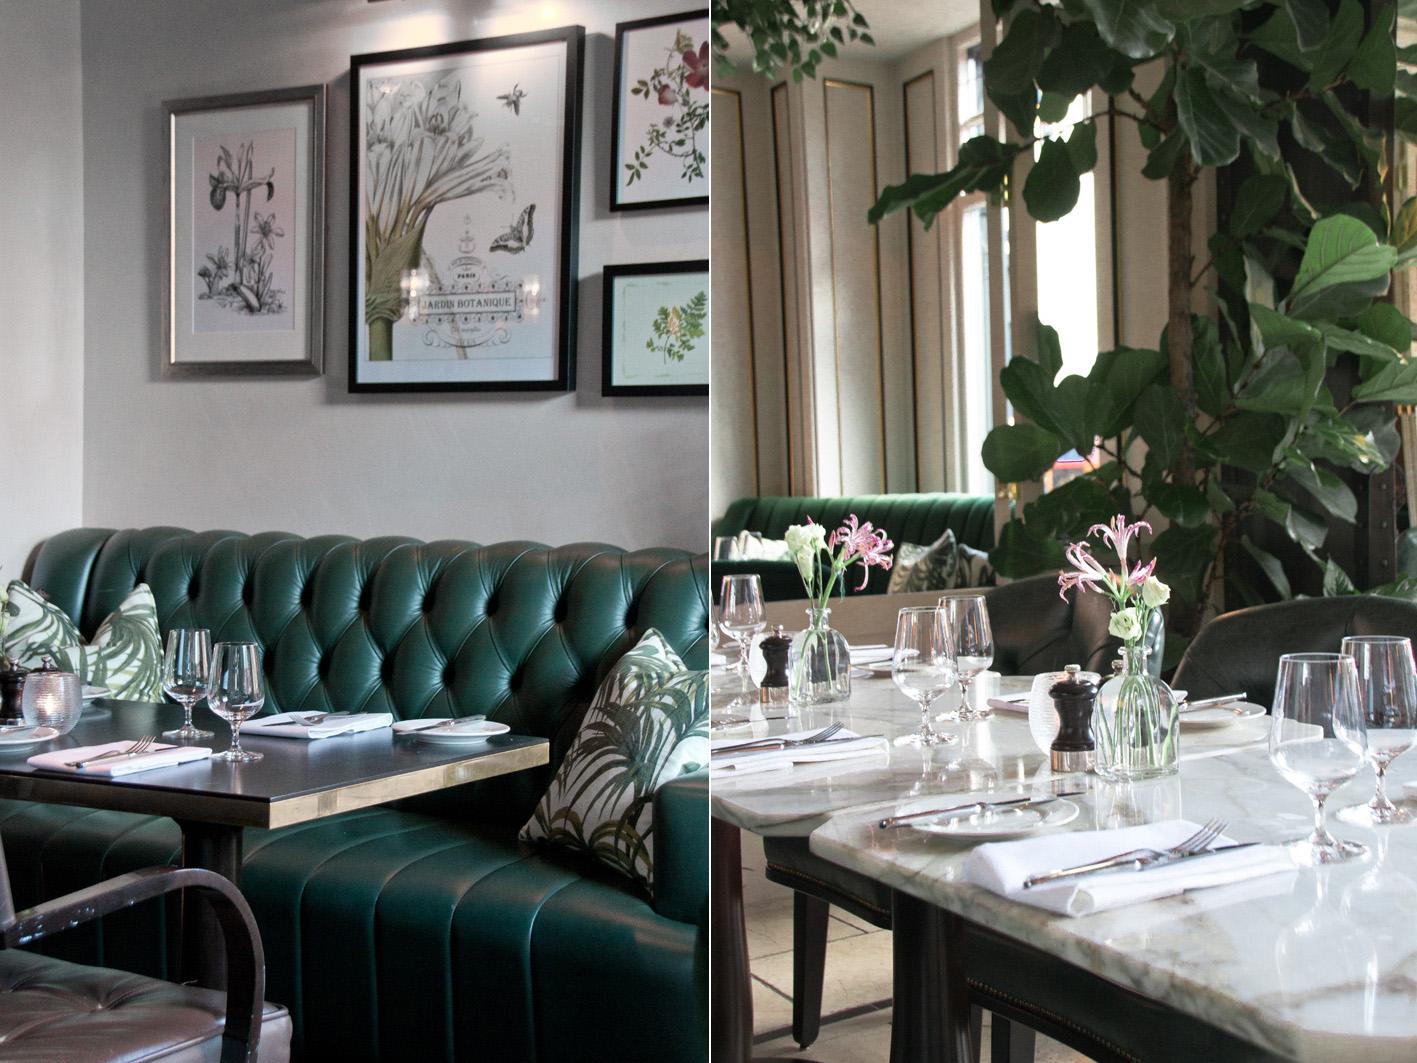 Wilde Restaurant Dublin